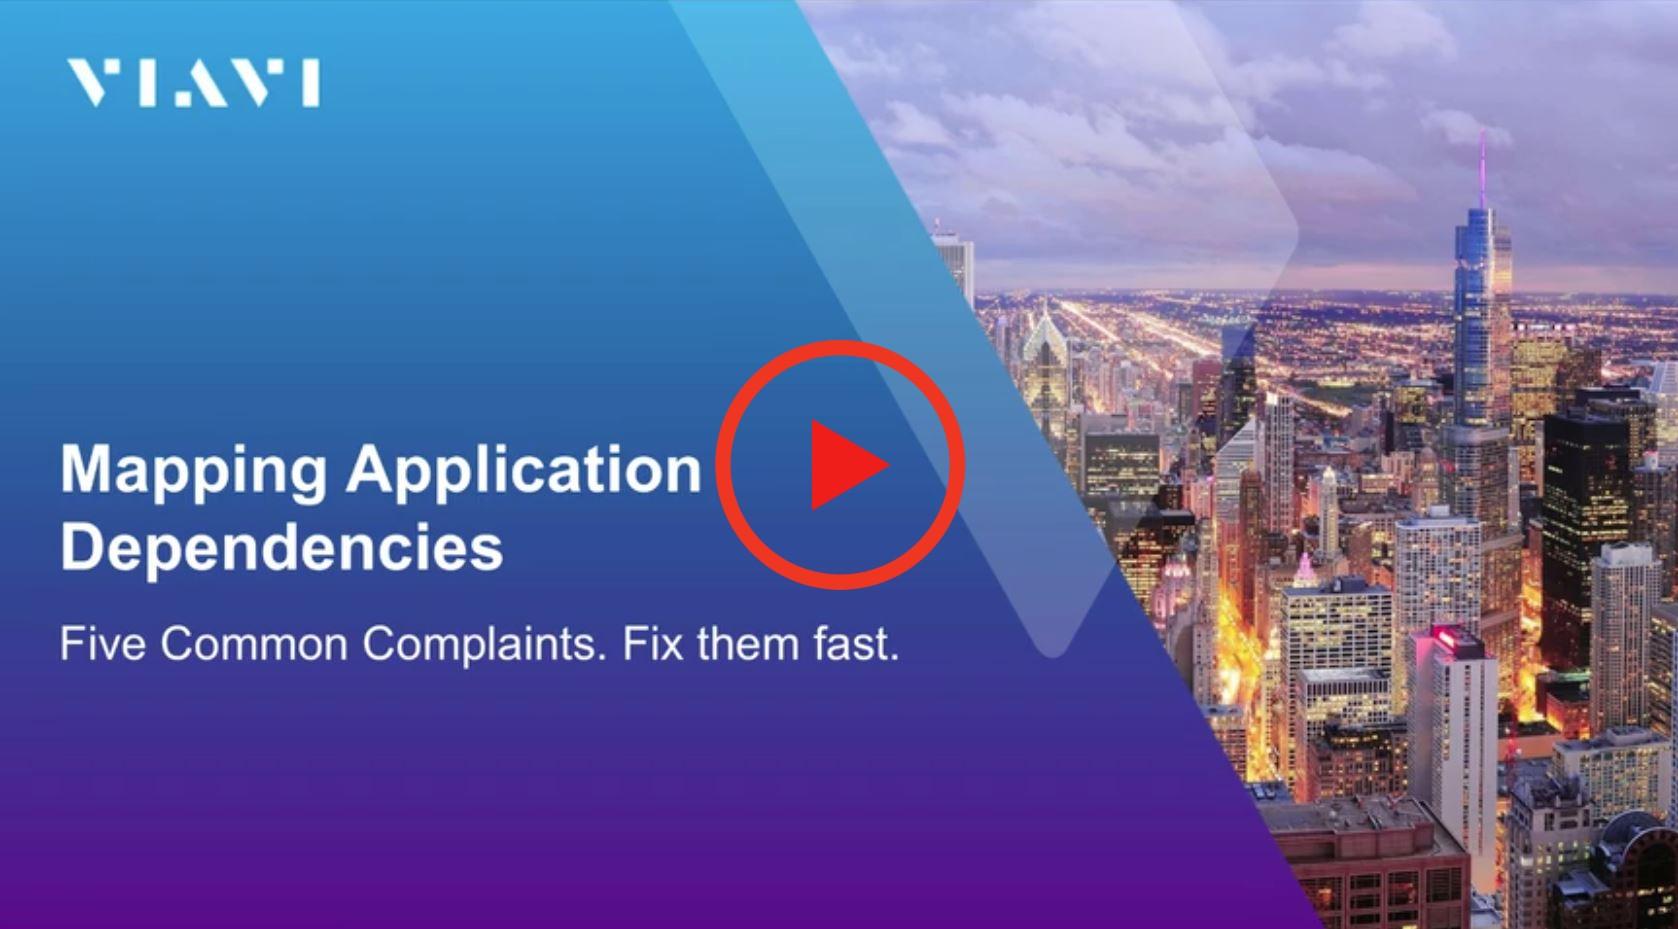 User Complaints AppDependencies